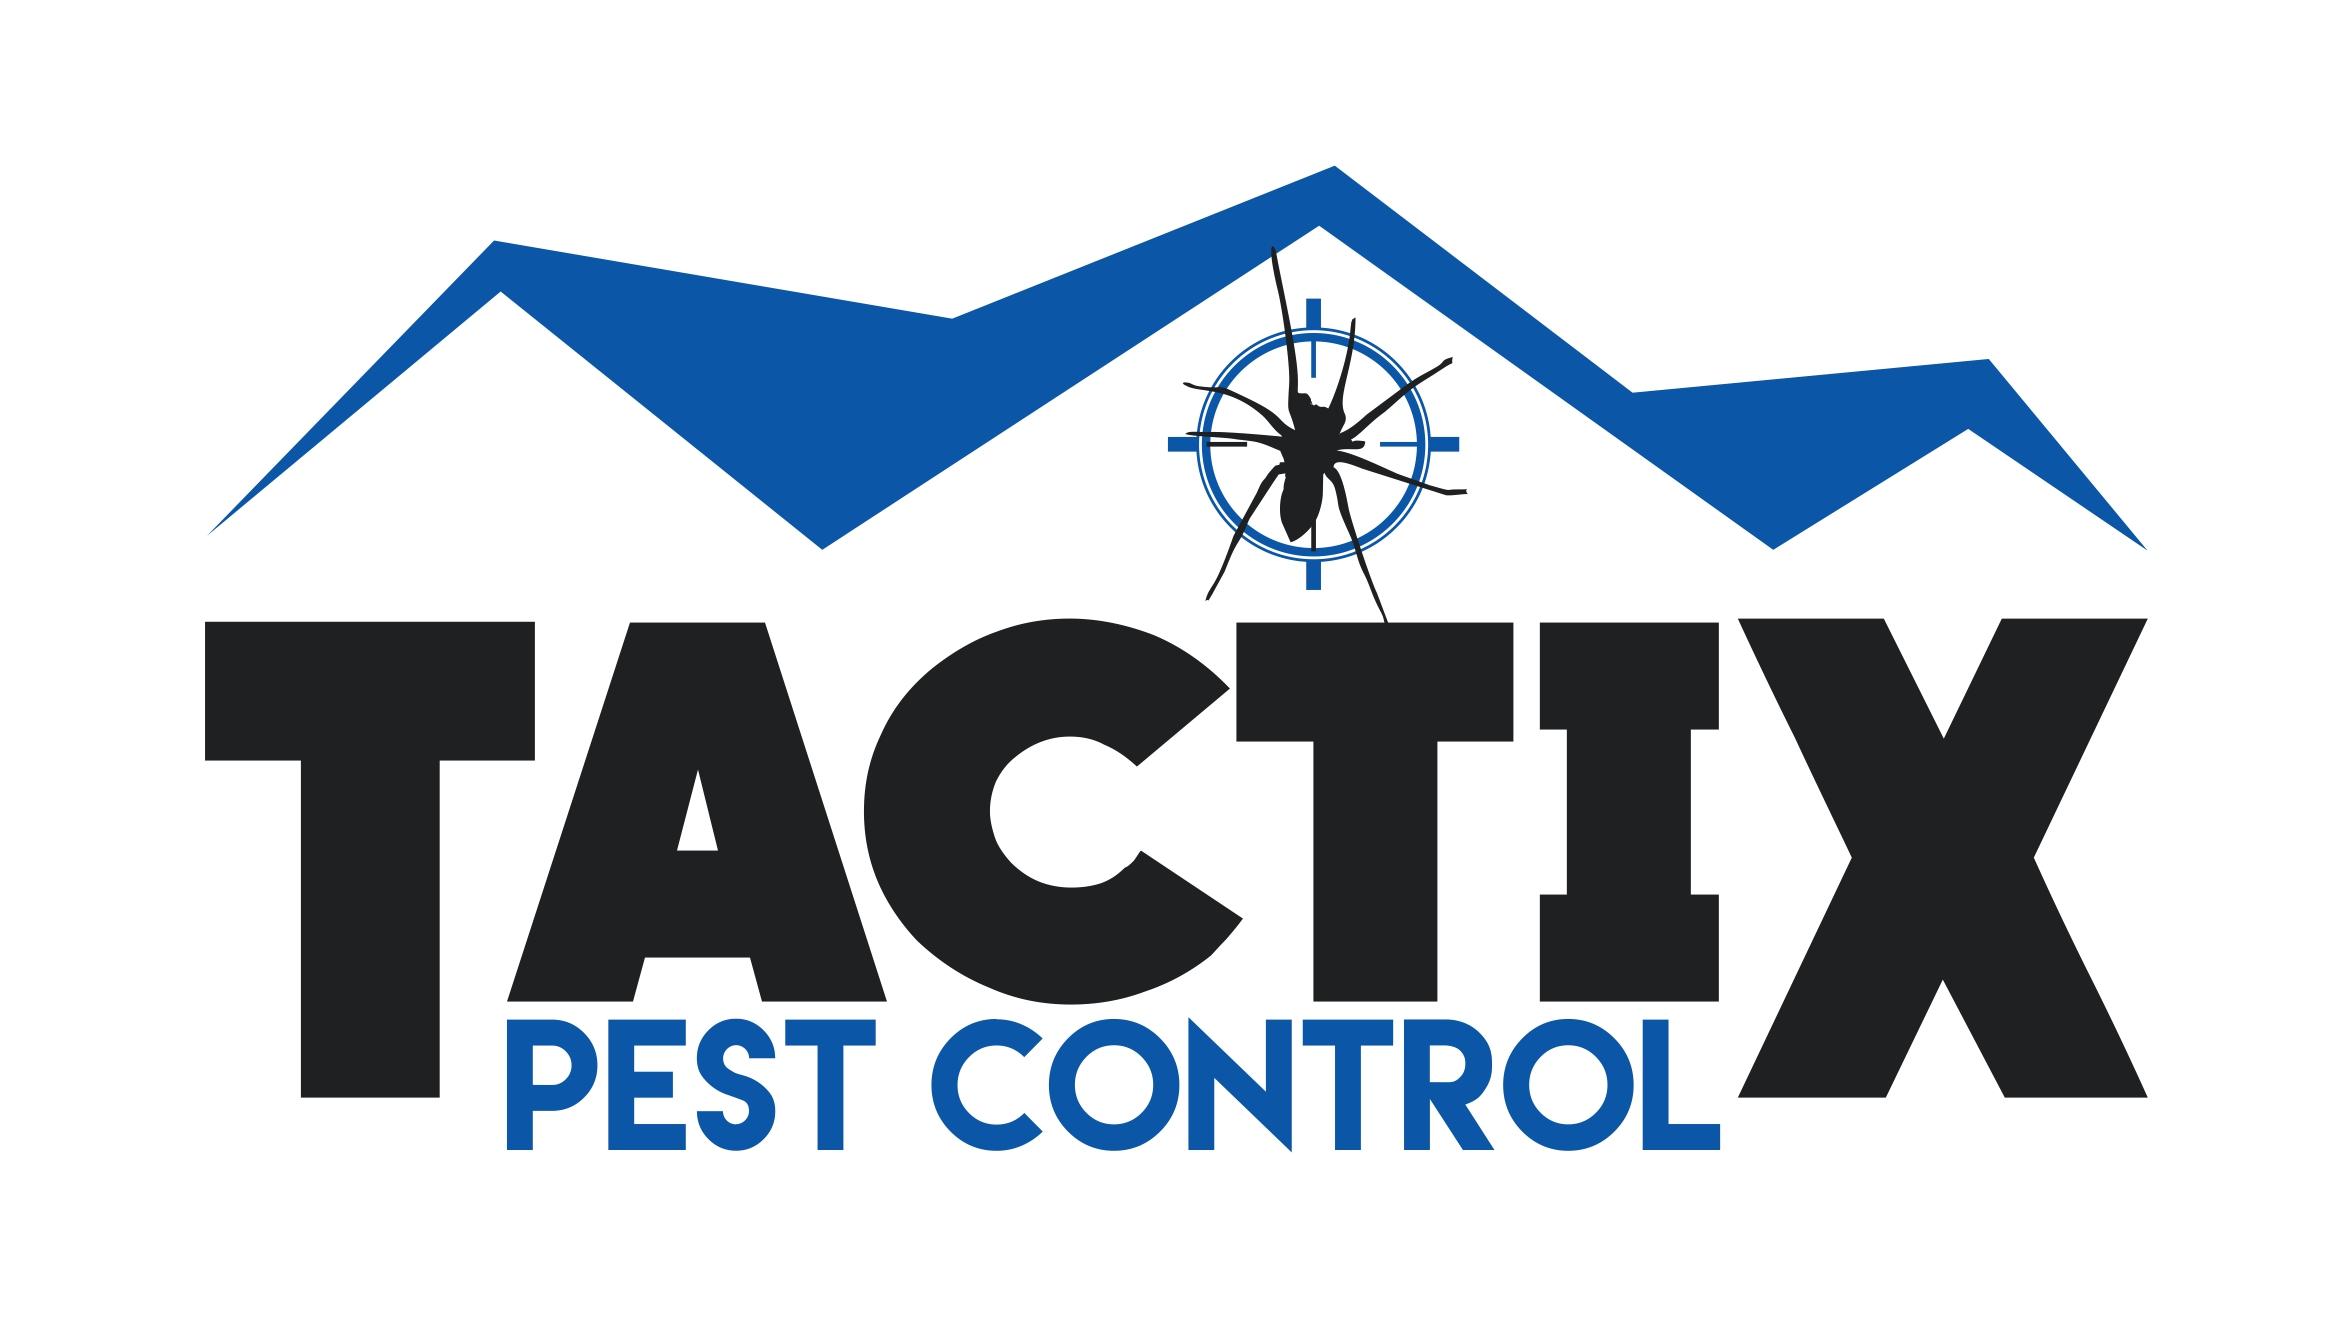 Tactix Pest Control